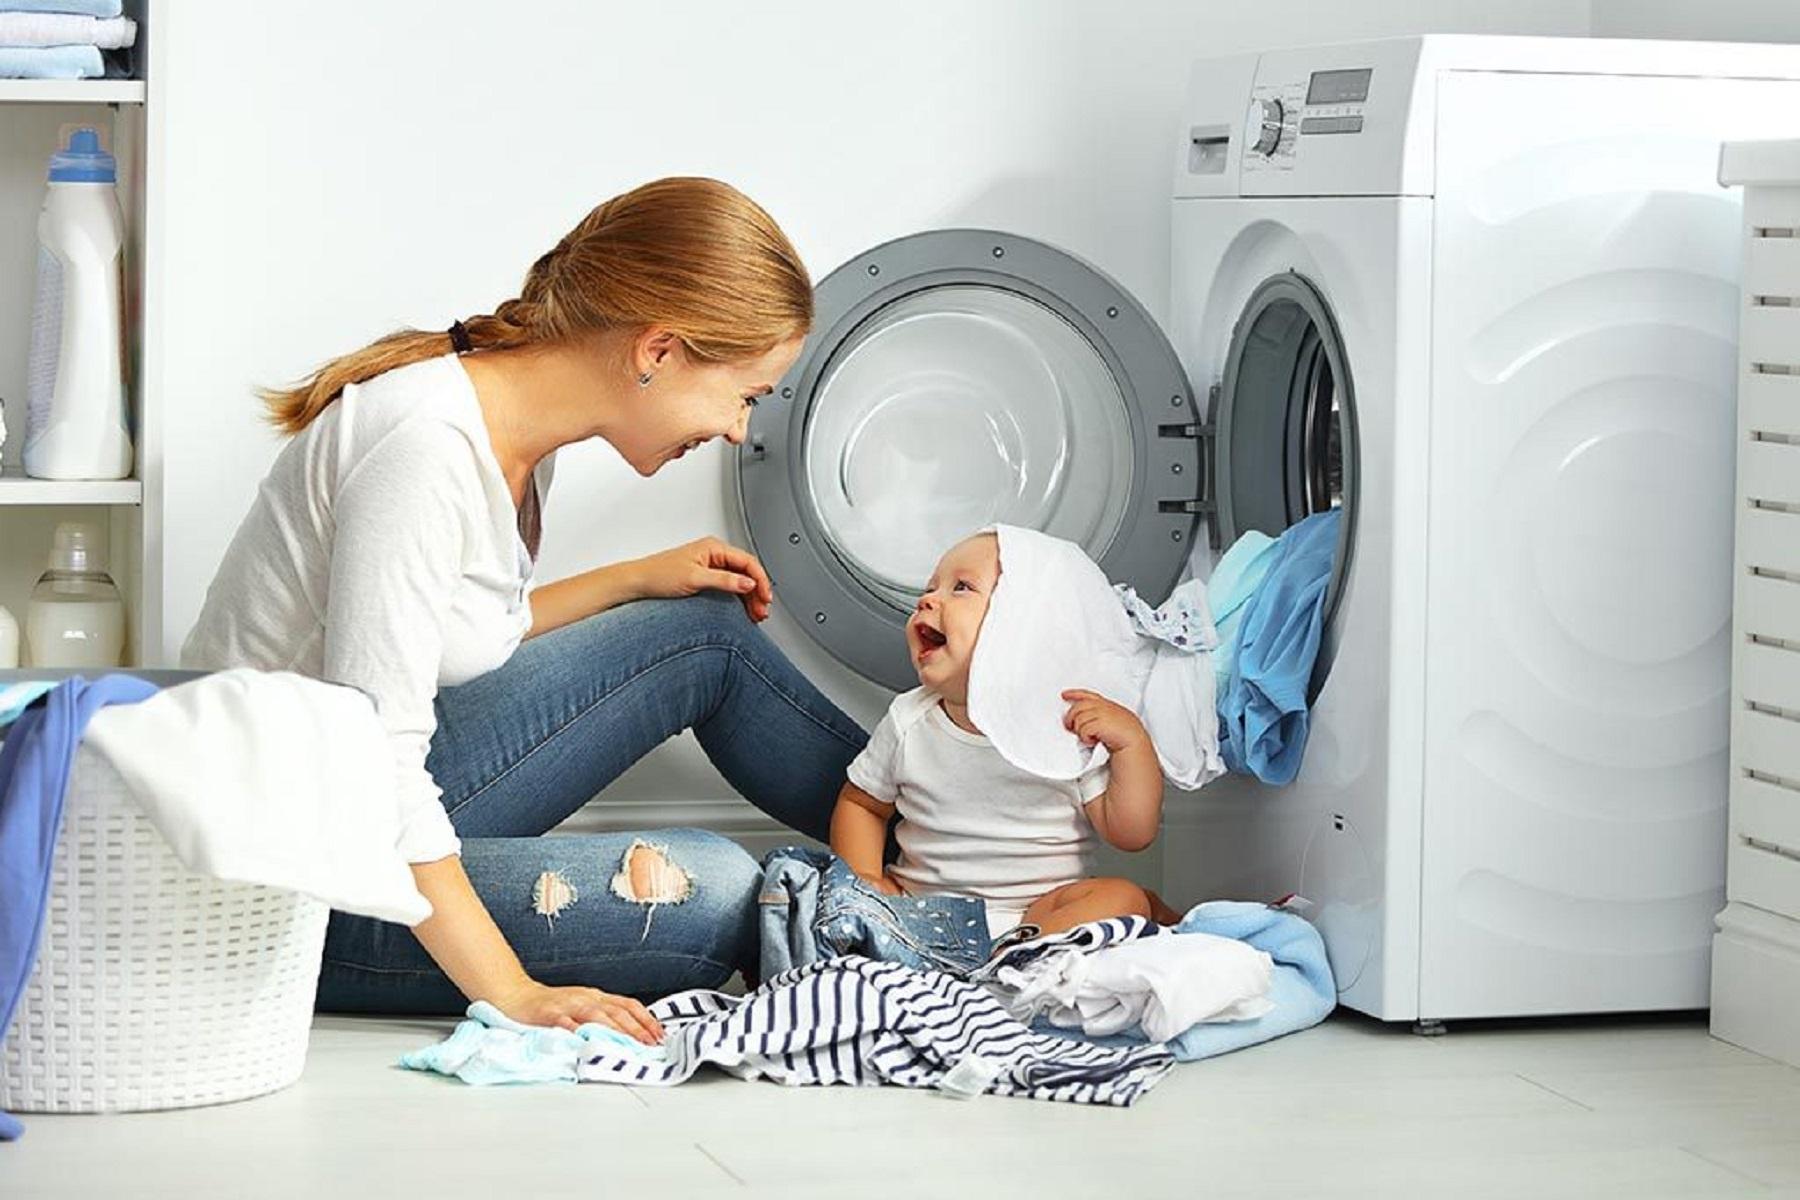 Πλυντήριο Βακτήρια: Μέτρα διατήρησης των ρούχων μακριά από βλαβερούς μικροοργανισμούς